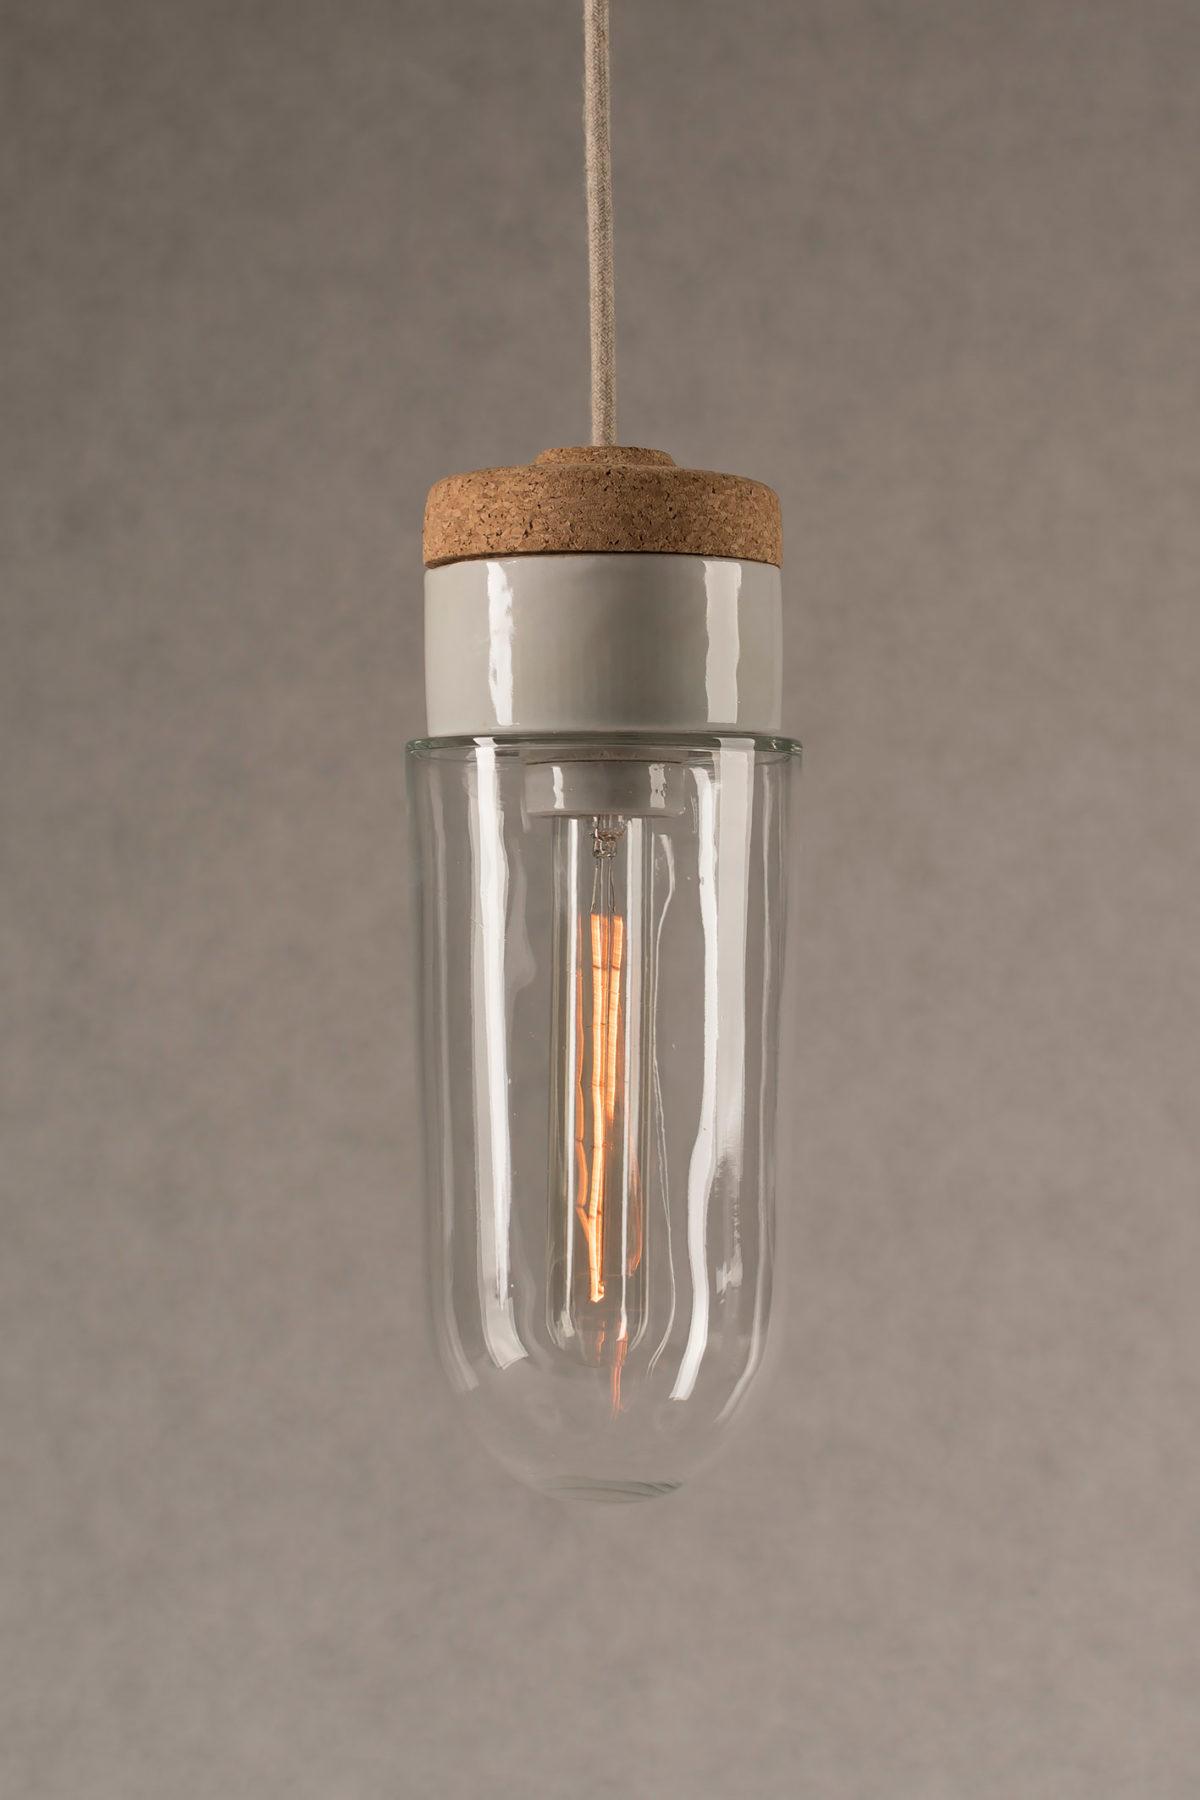 wisząca lampa korkowa z kloszem szklanym probówka 3